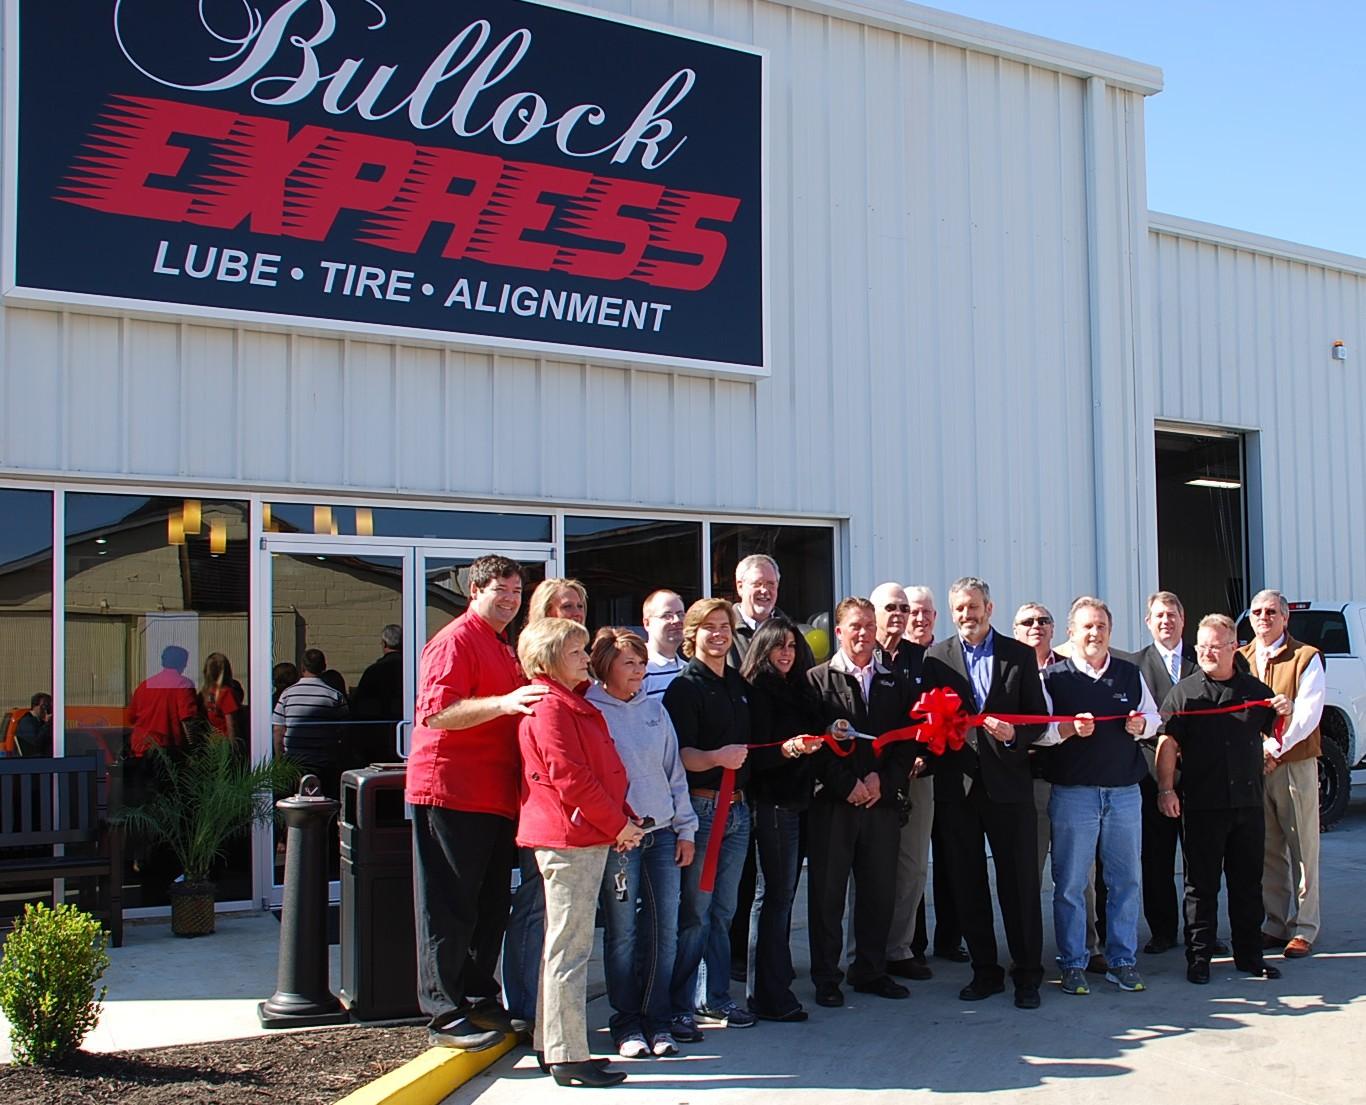 Ribbon Cutting At Bullock Express